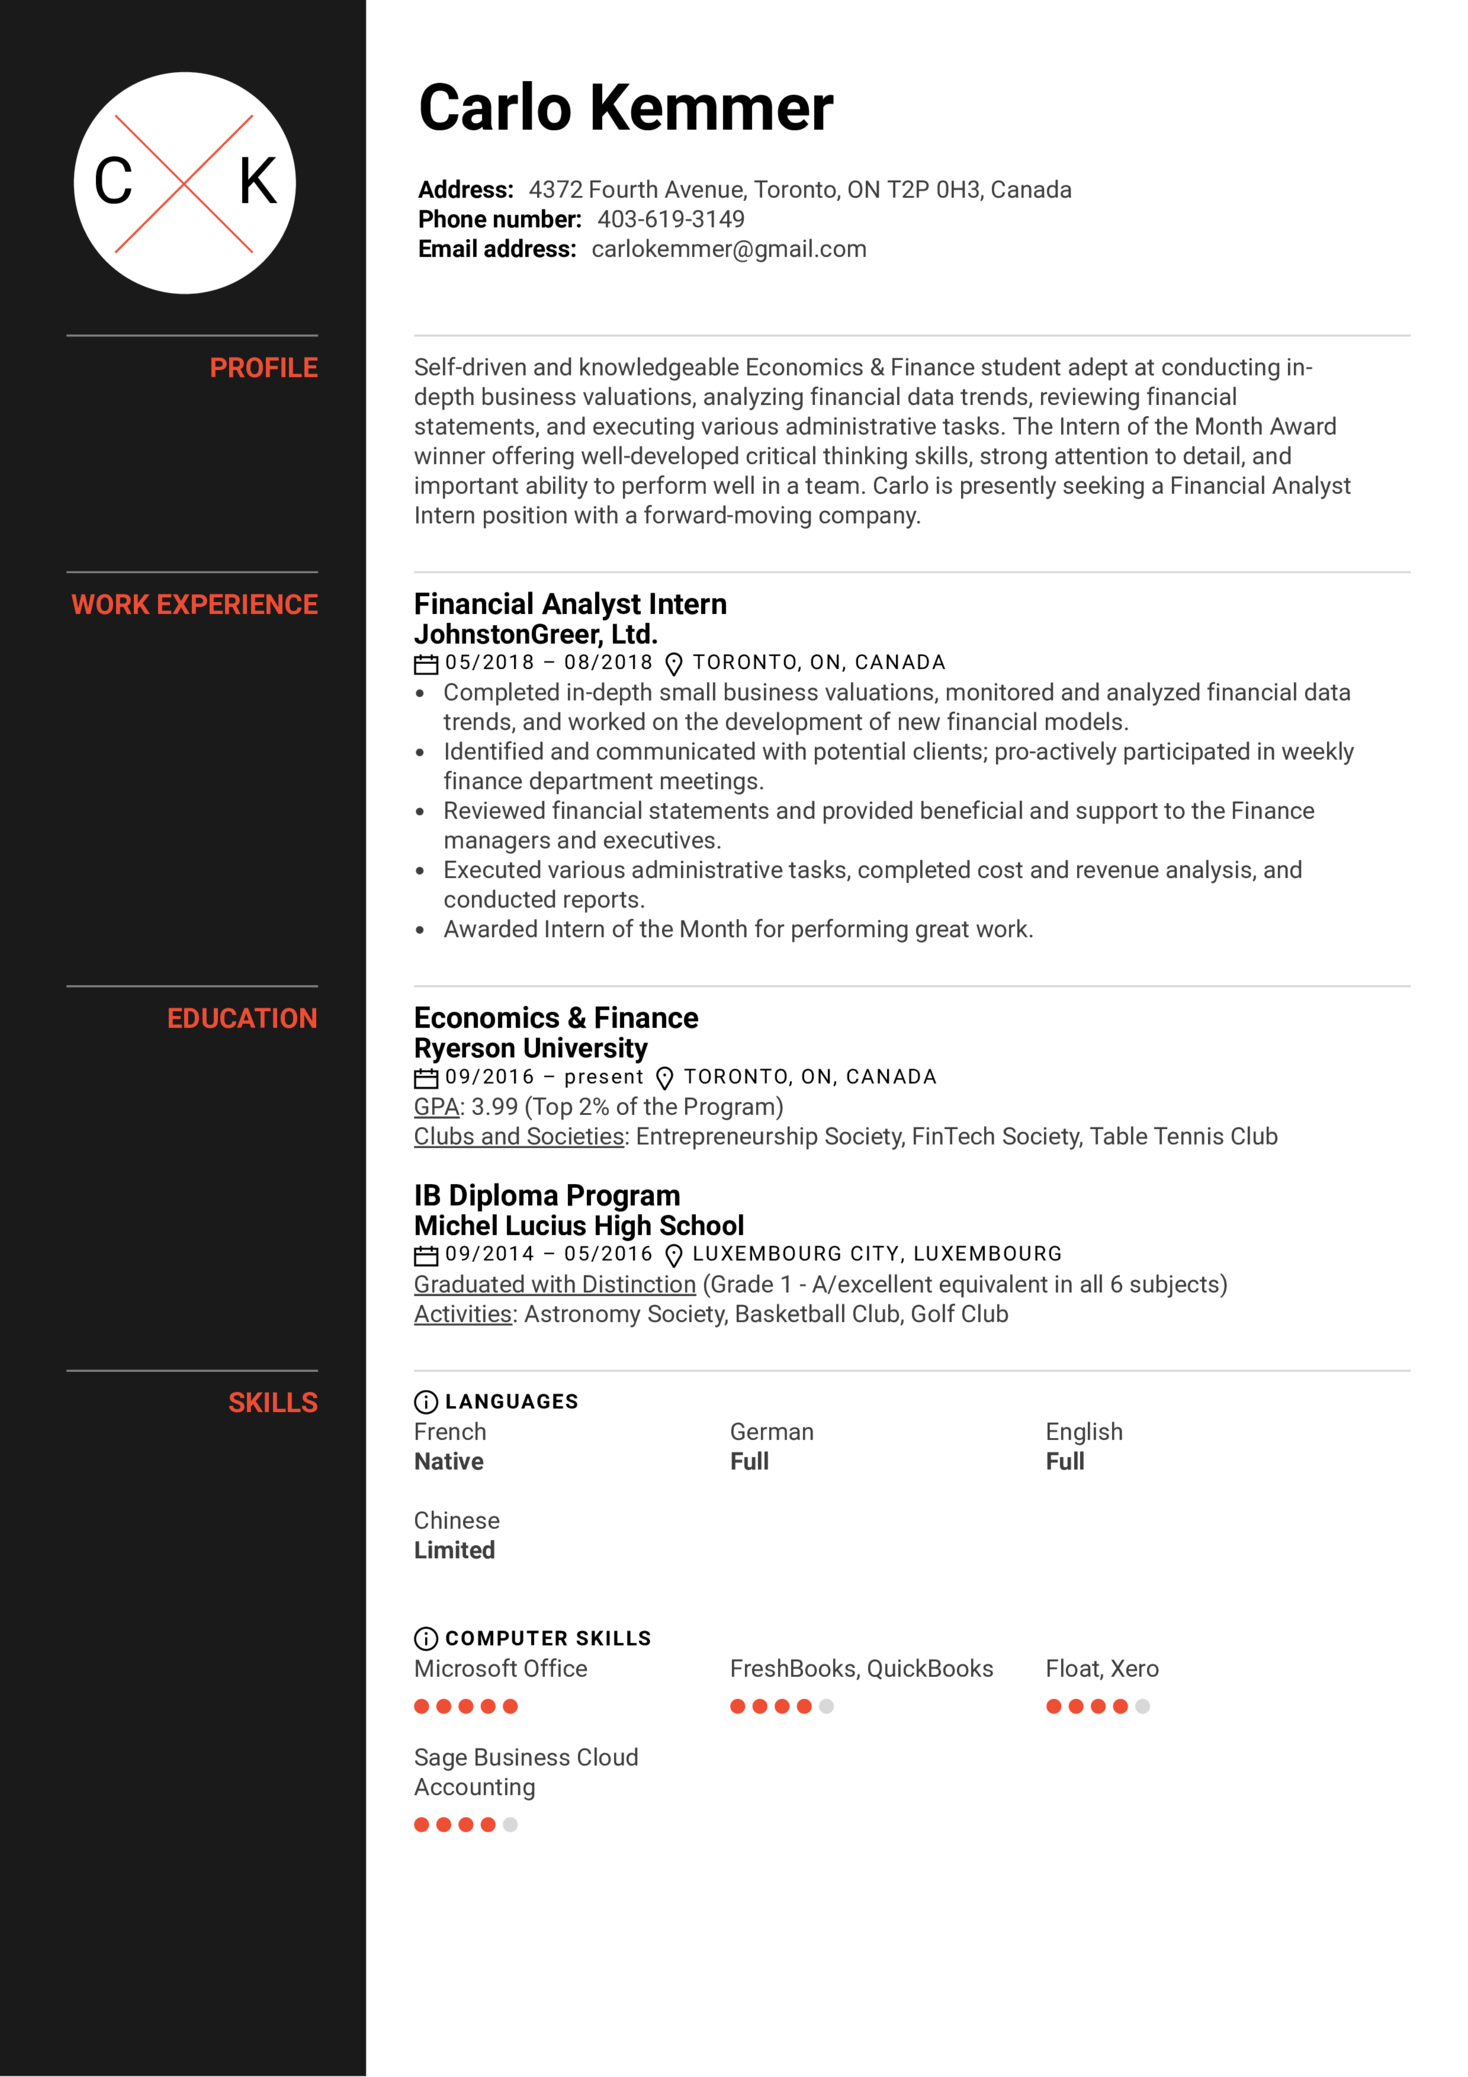 Financial Analyst Intern Resume Example (časť 1)